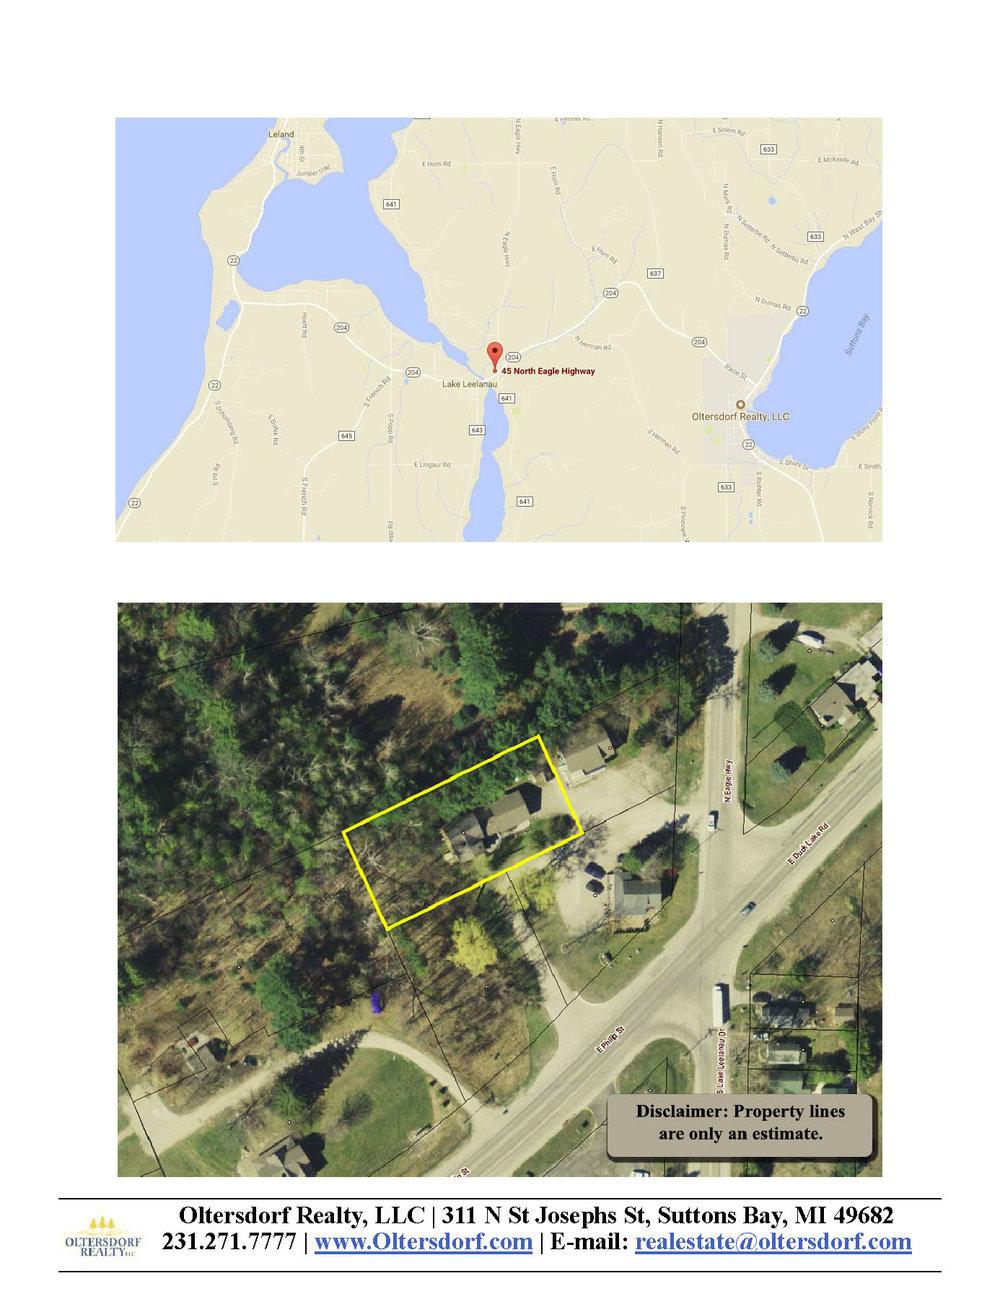 45 N Eagle Highway, Lake Leelanau, Real Estate For Sale by Oltersdorf Realty - Marketing Packet (5).jpg